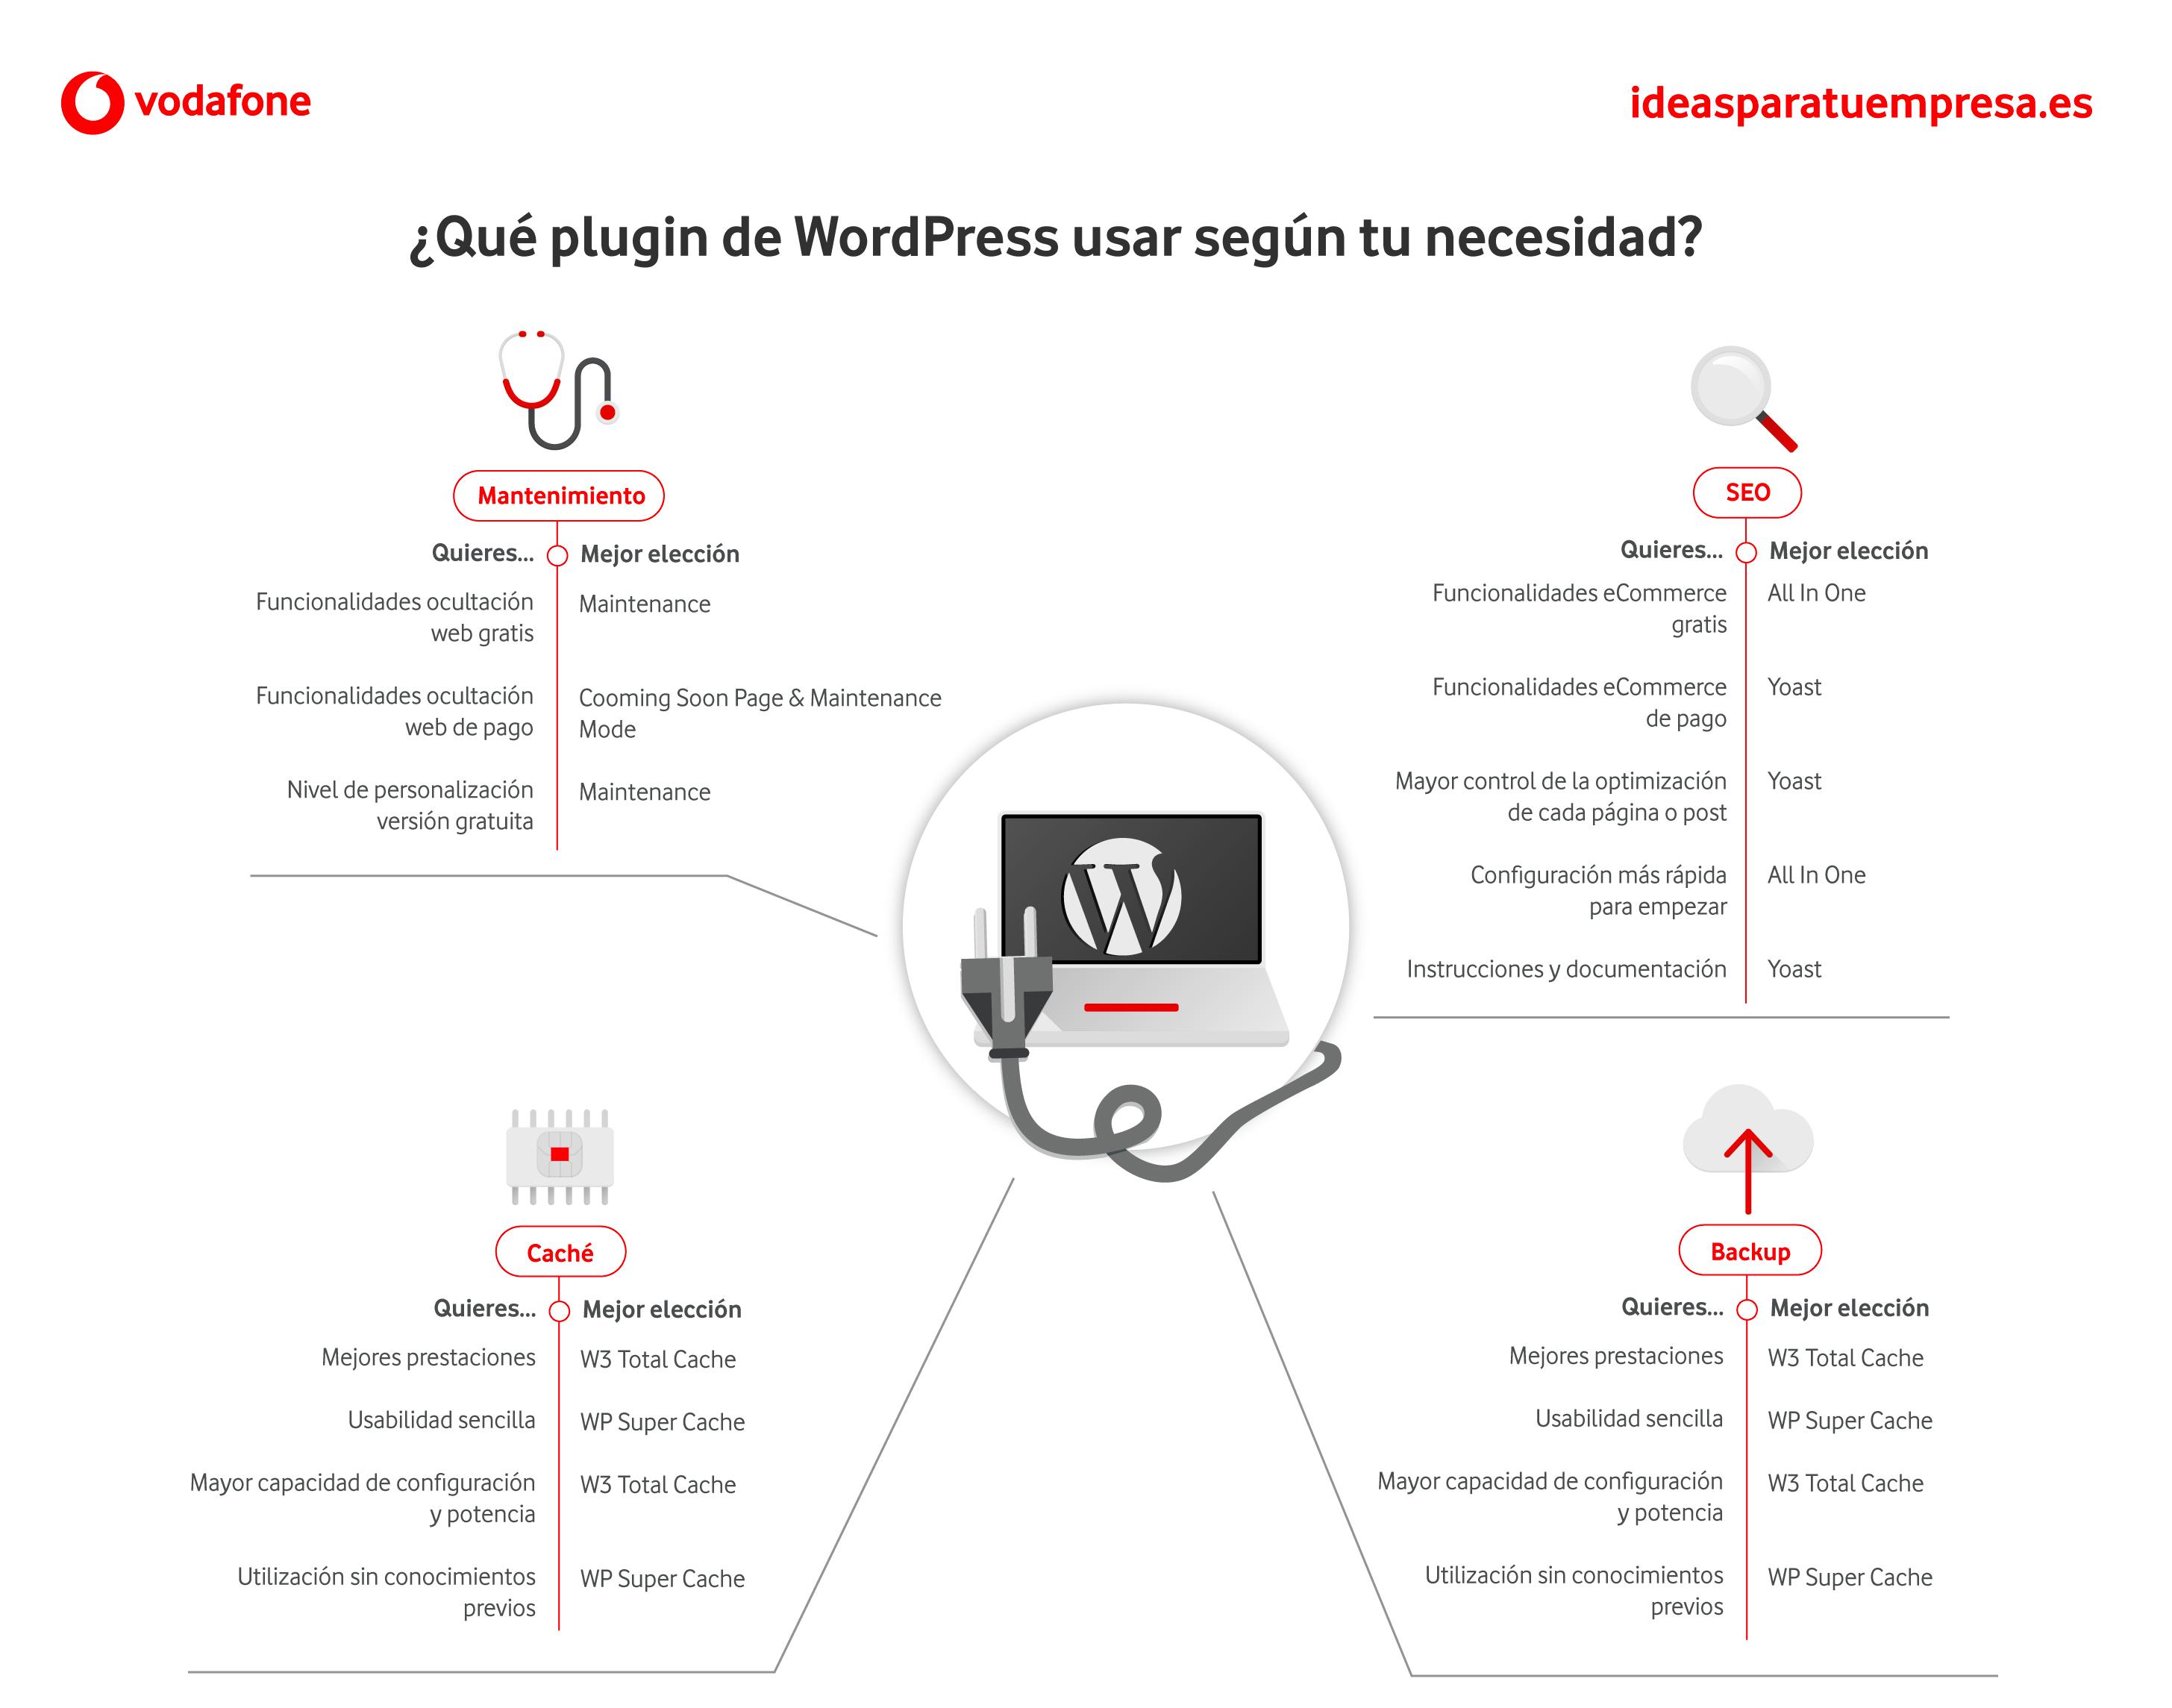 ¿Qué plugin de WordPress usar según tu necesidad?